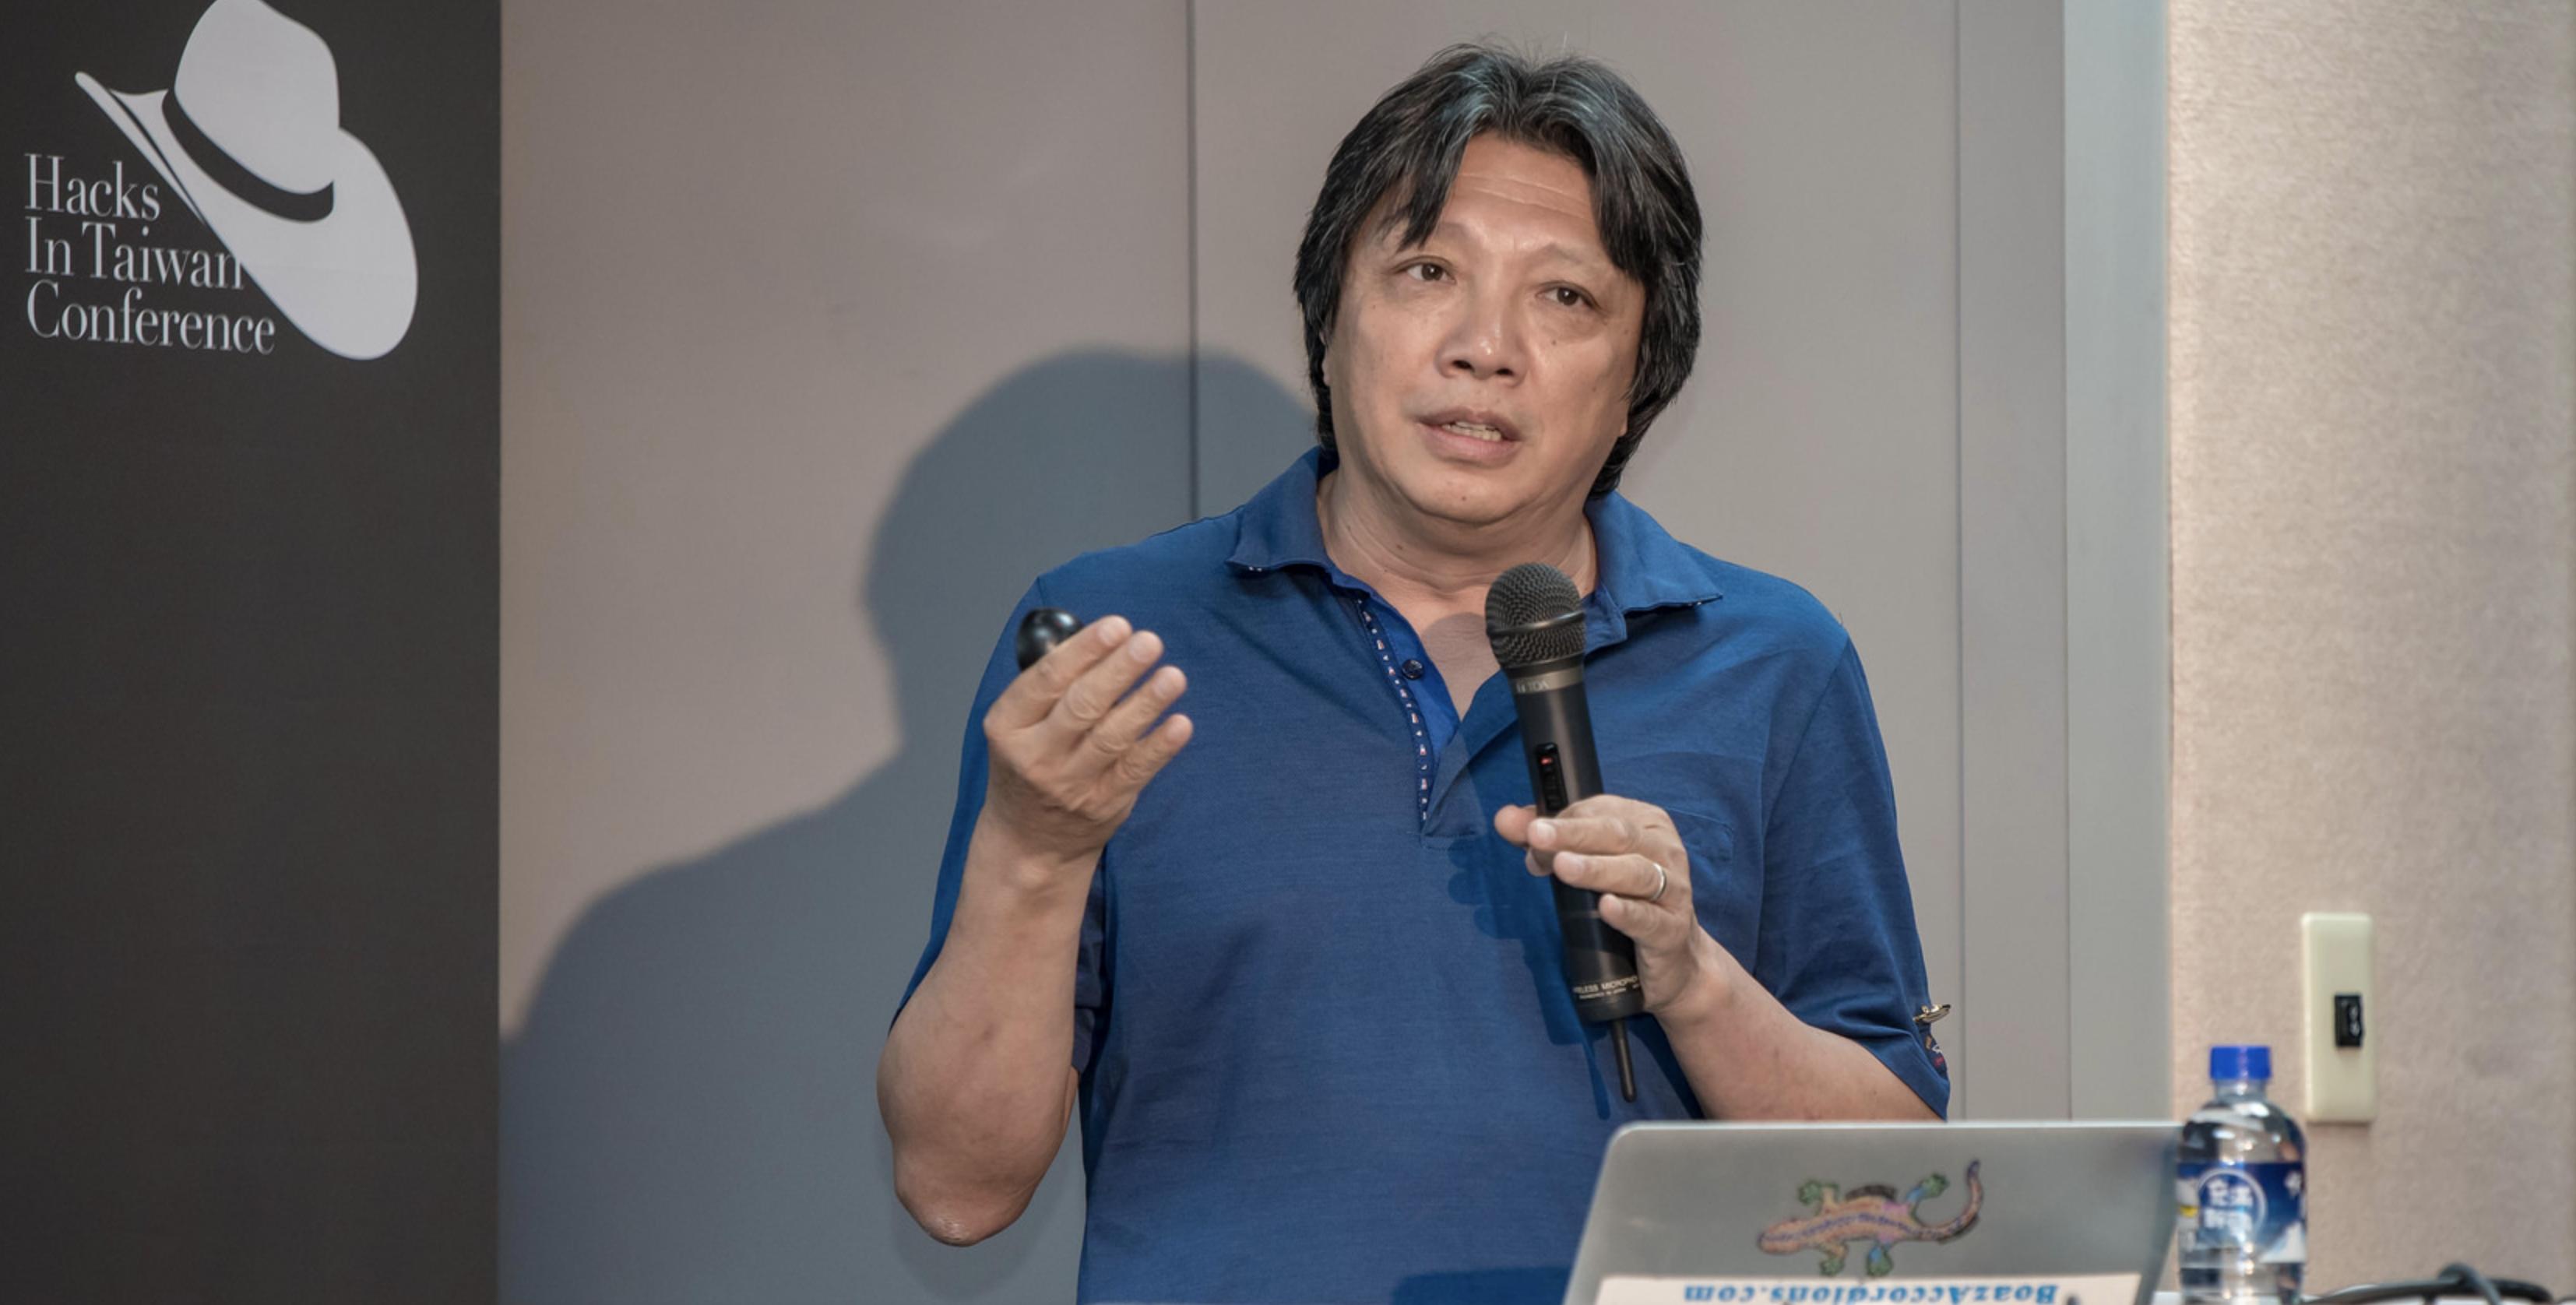 中央社CNA | 萧强:中共运用科技 更全面掌控社会